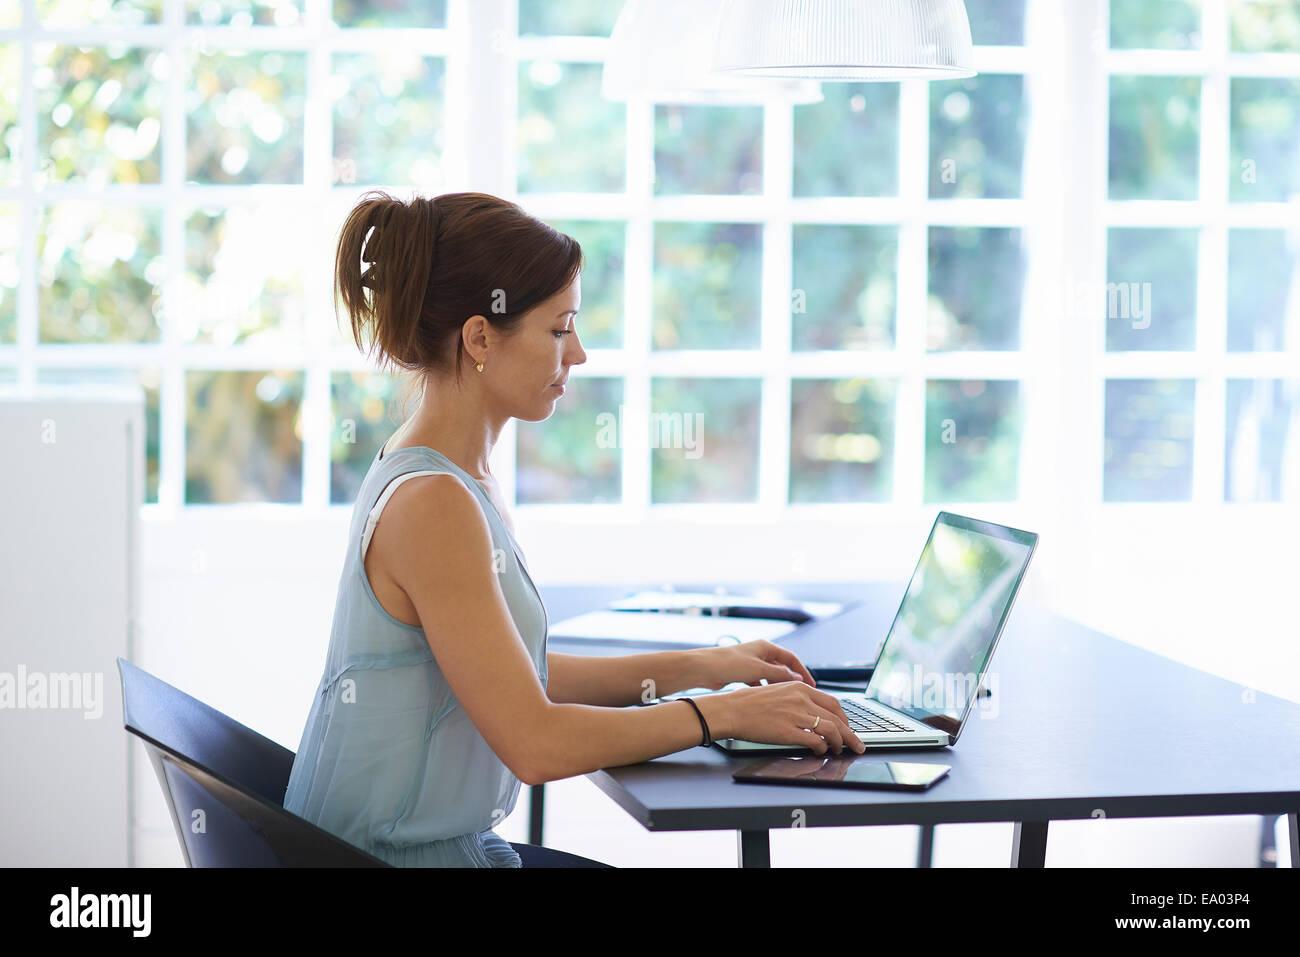 Mitte Erwachsene Frau arbeiten am Laptop im Speisesaal Stockbild